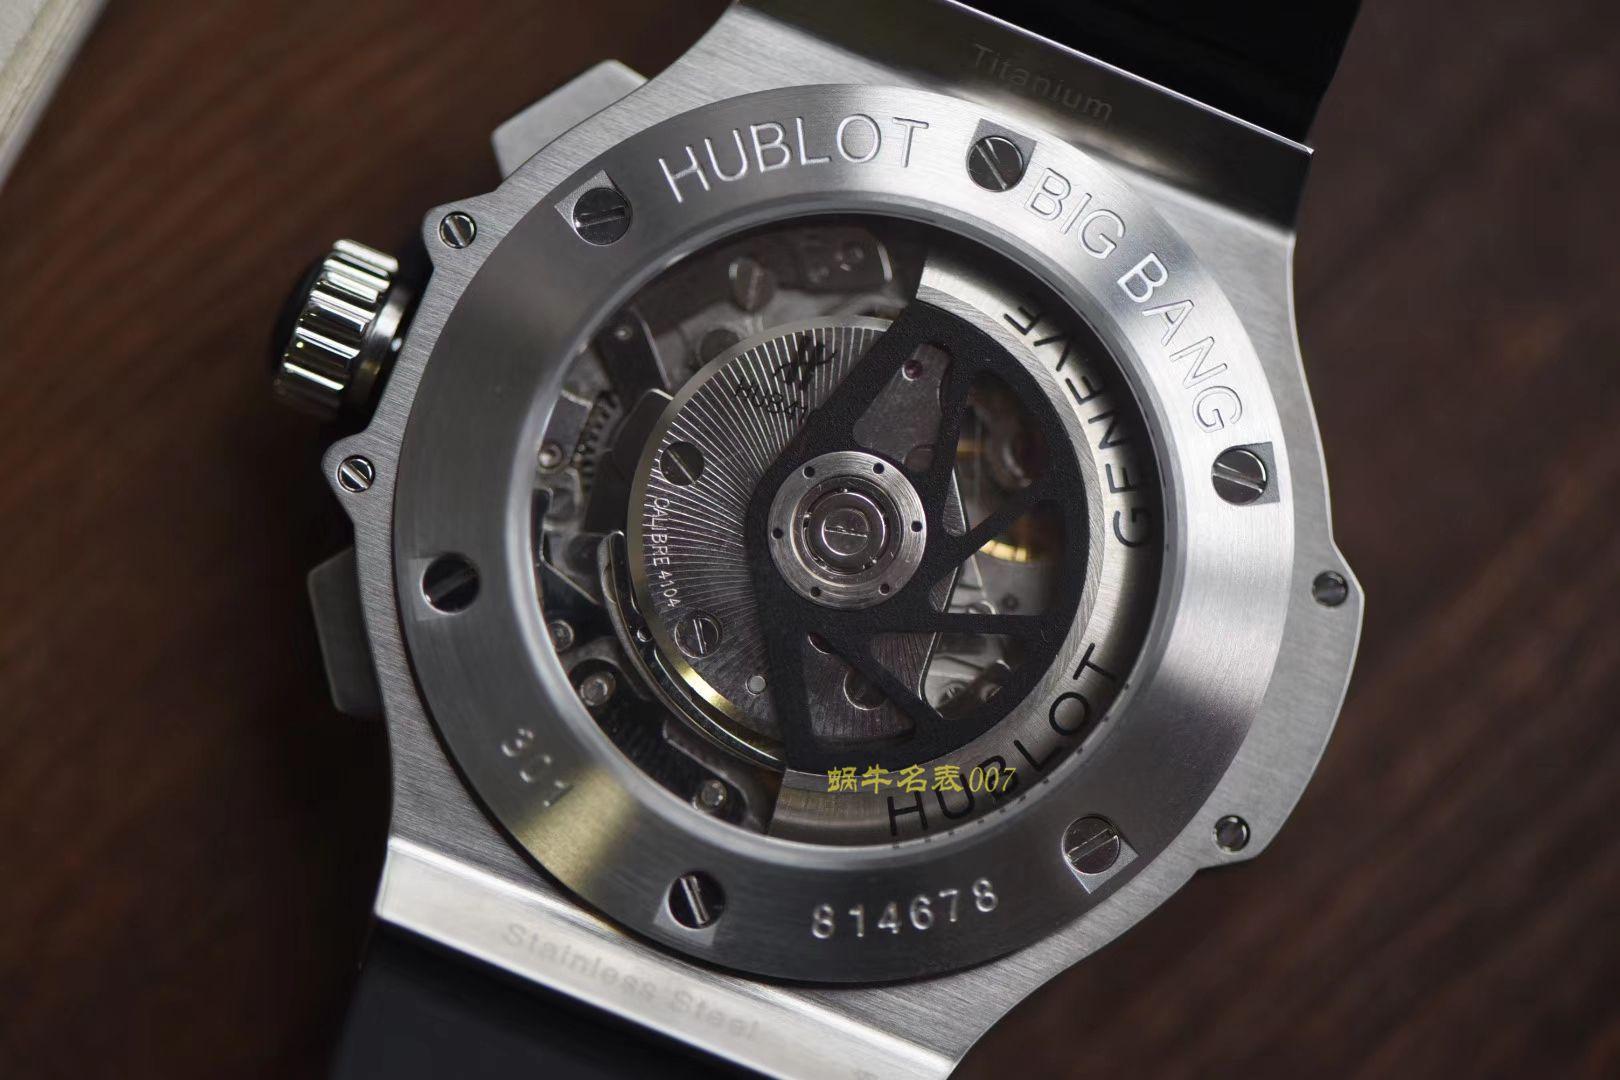 【V6厂超A厂1:1高仿手表】宇舶HUBLOT大爆炸STEEL系列301.SX.130.RX腕表YB020 / YB020